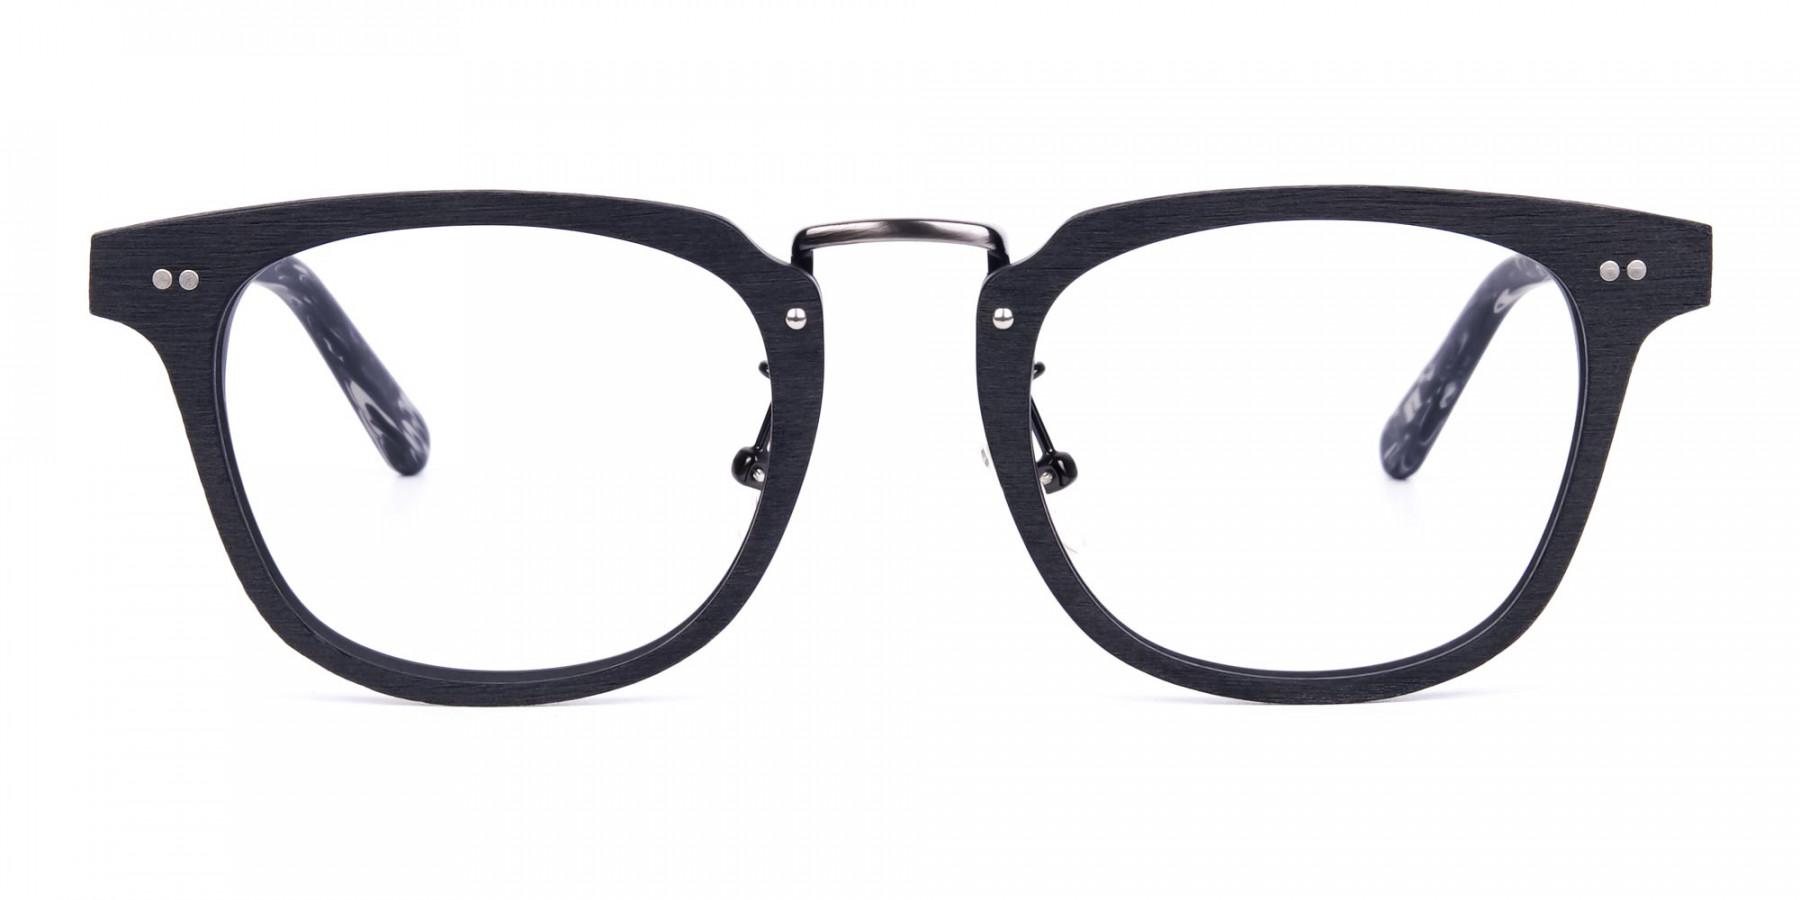 Black-Square-Full-Rim-Wooden-Glasses-1